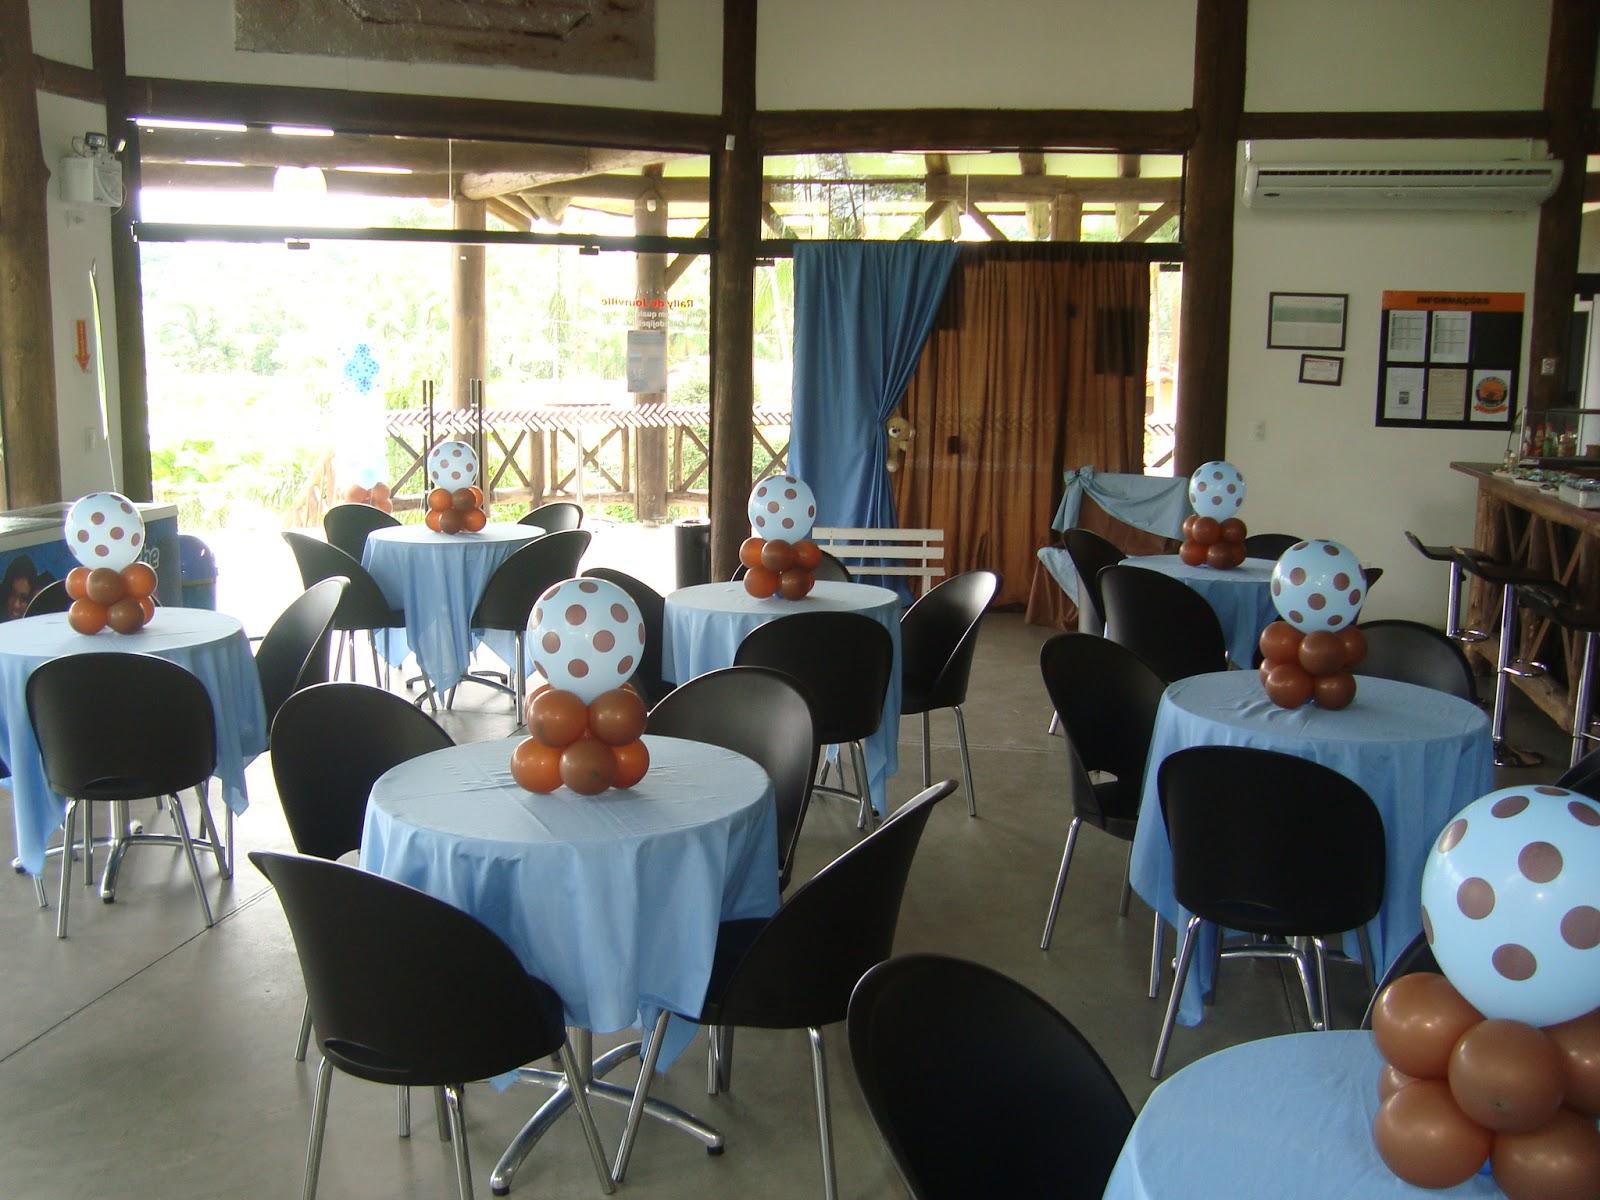 decoracao festa urso azul e marrom : decoracao festa urso azul e marrom:KaDe Festas: Decoração Ursos Marrom e Azul Provençal